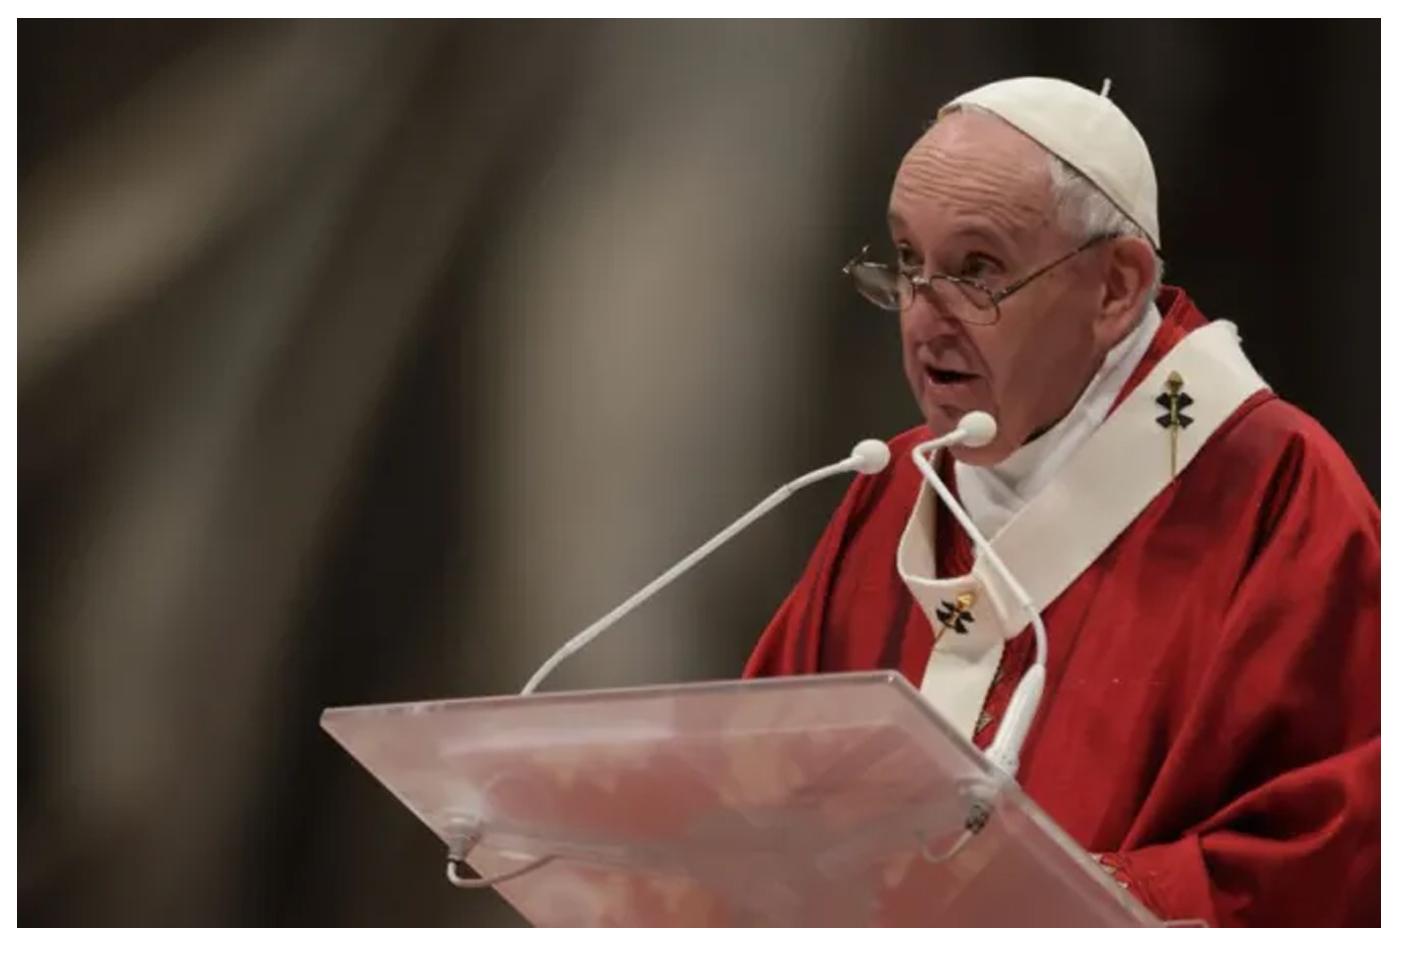 Bài giảng của Đức Thánh Cha Phanxicô trong Thánh Lễ Chúa Thánh Thần Hiện Xuống.